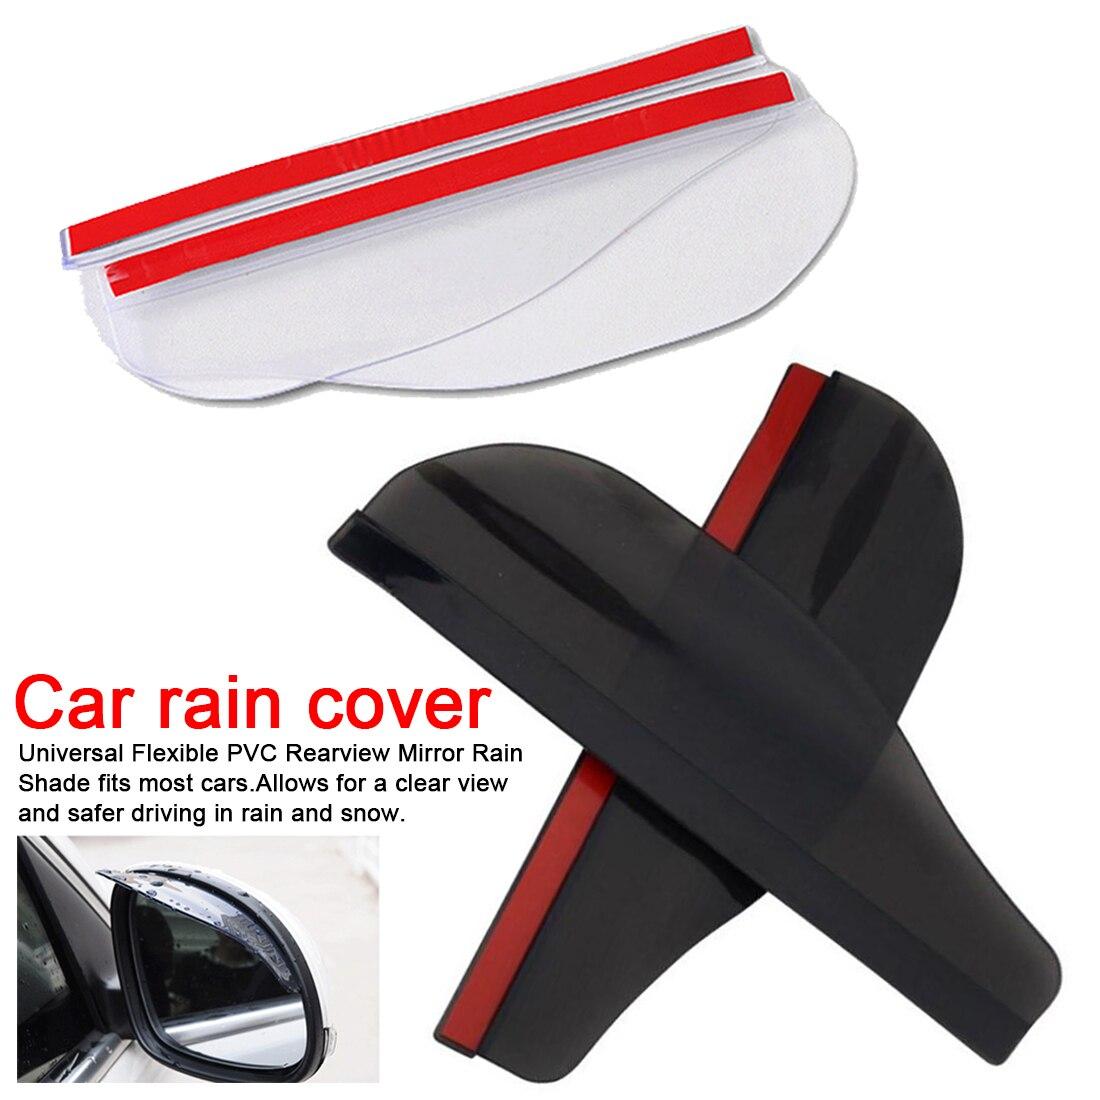 2 peças espelho lateral do carro à prova dwaterproof água sol viseira chuva sobrancelha carro auto vista traseira lado chuva protetor flexível para carro